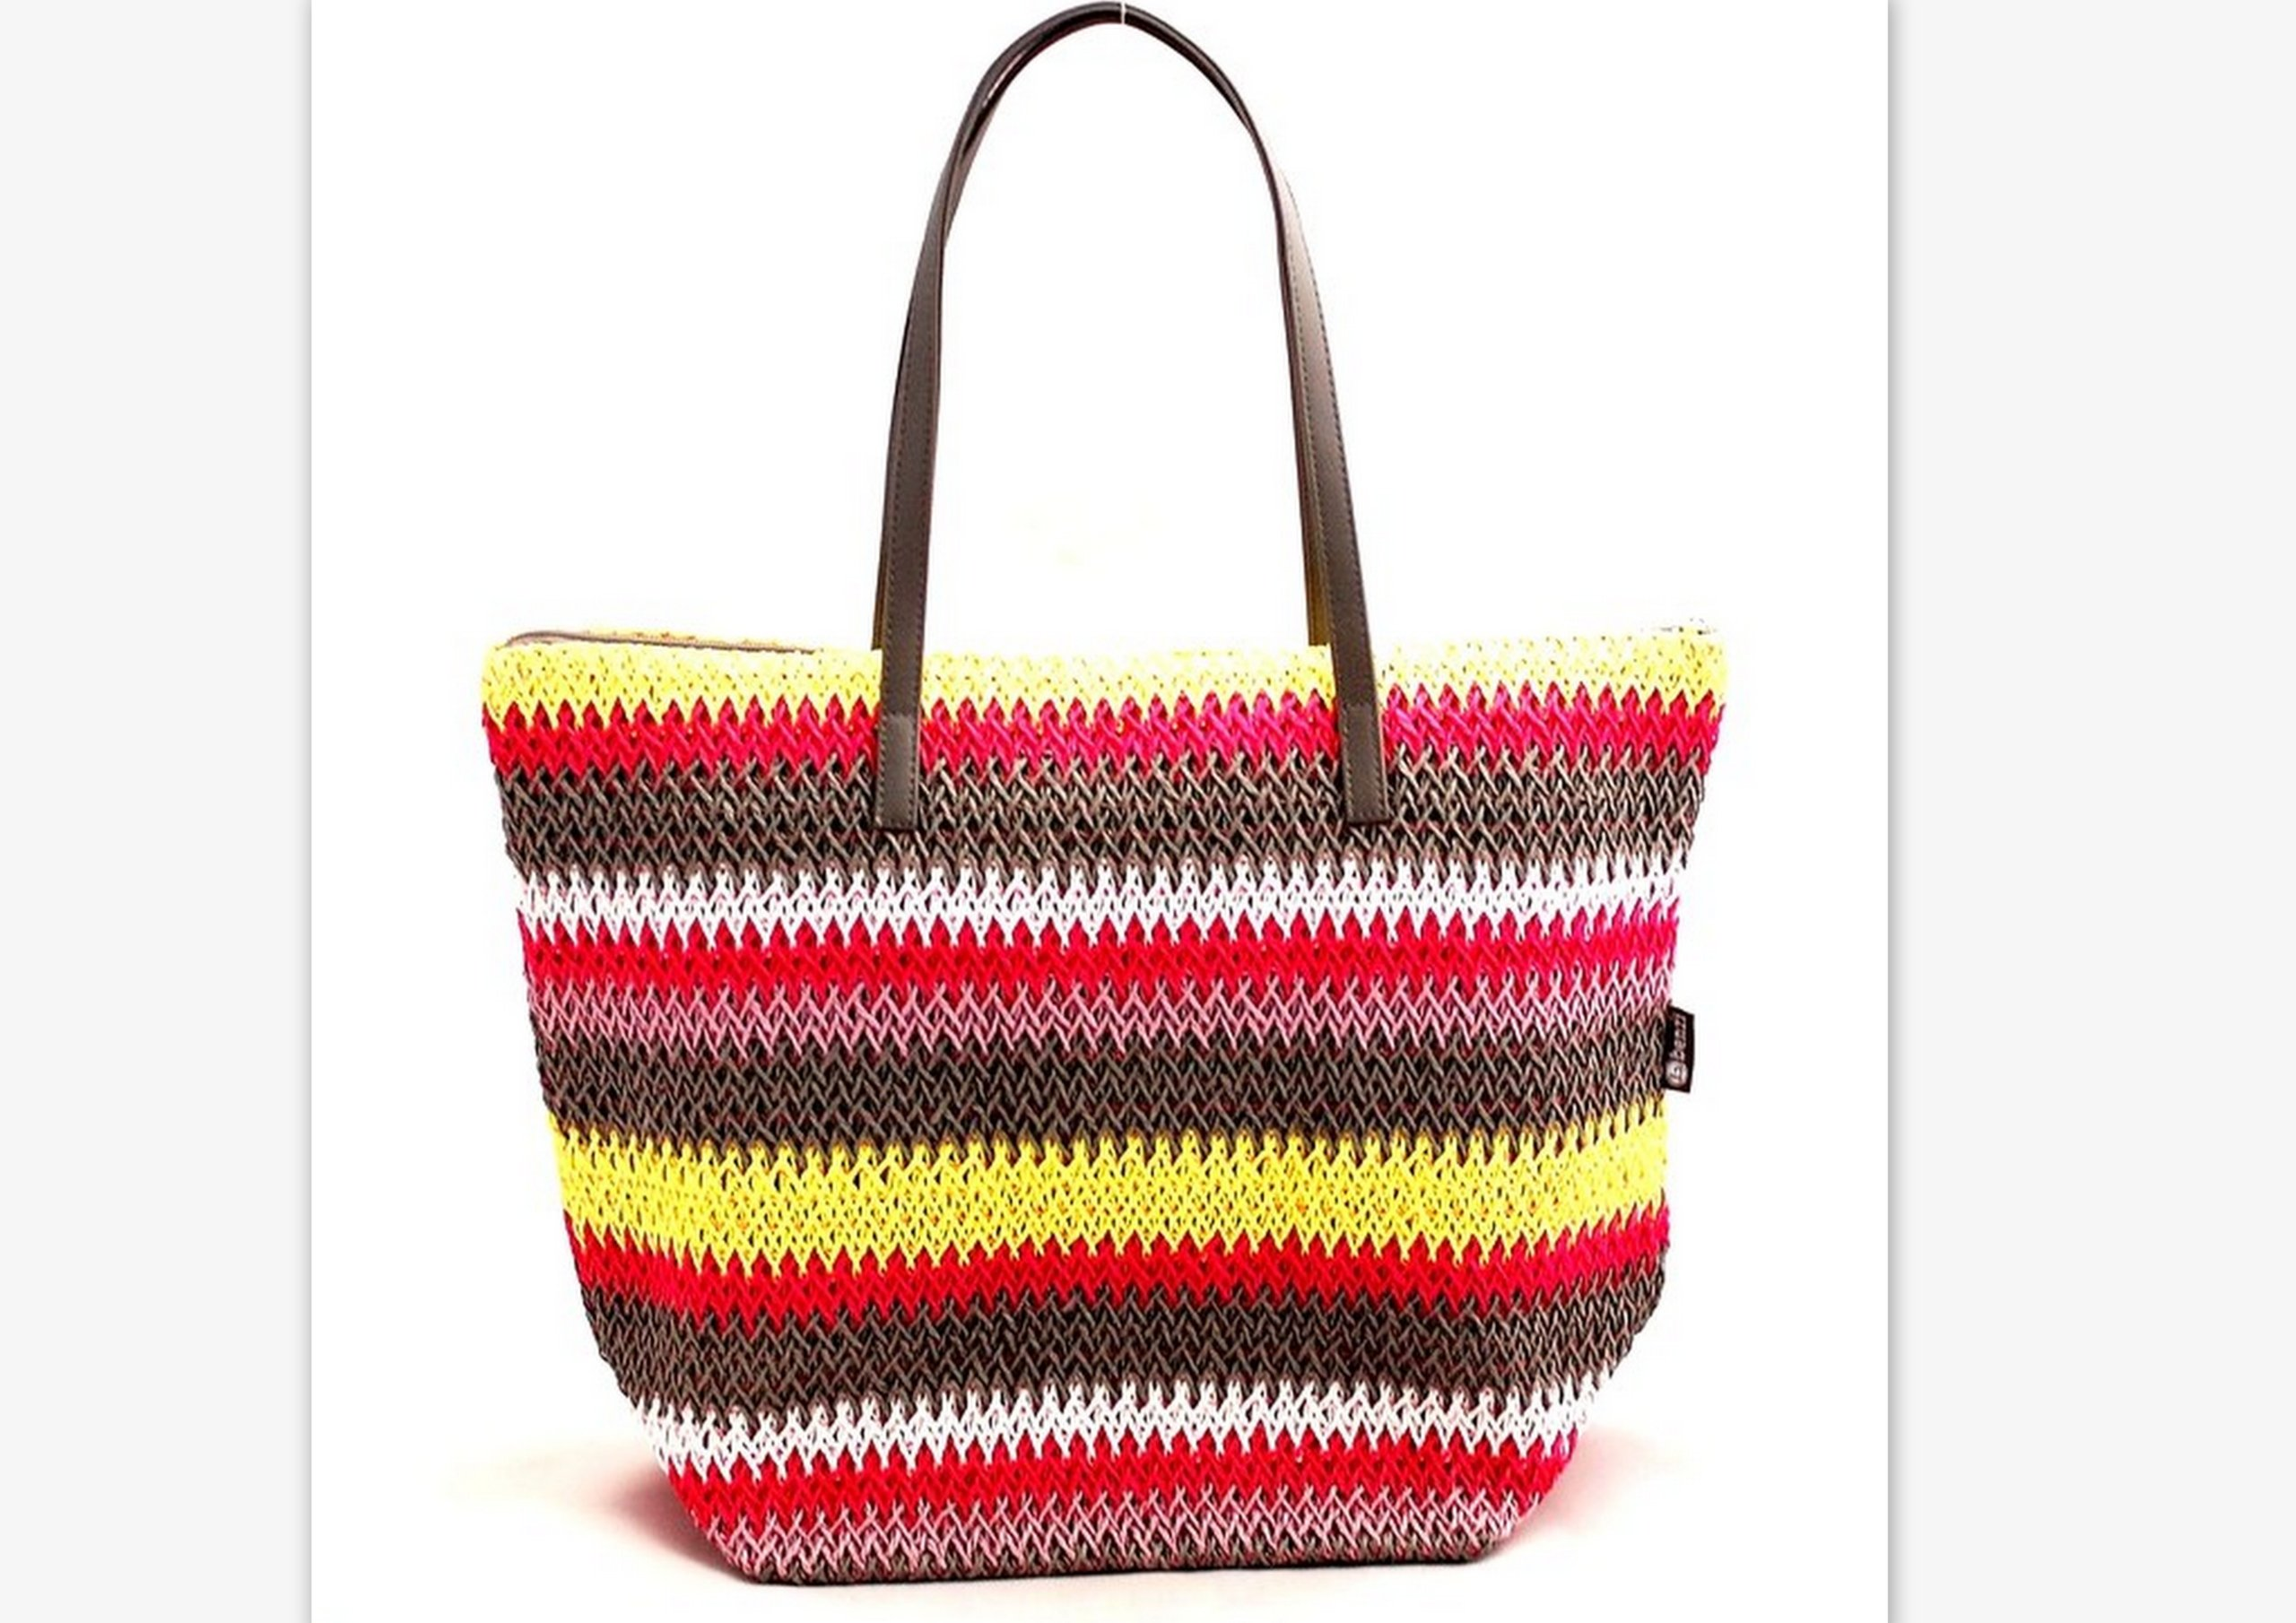 ede513bf83b3c Piękna kolorowa hiszpańska torba plażowa koszyk ! 6685780175 - Allegro.pl